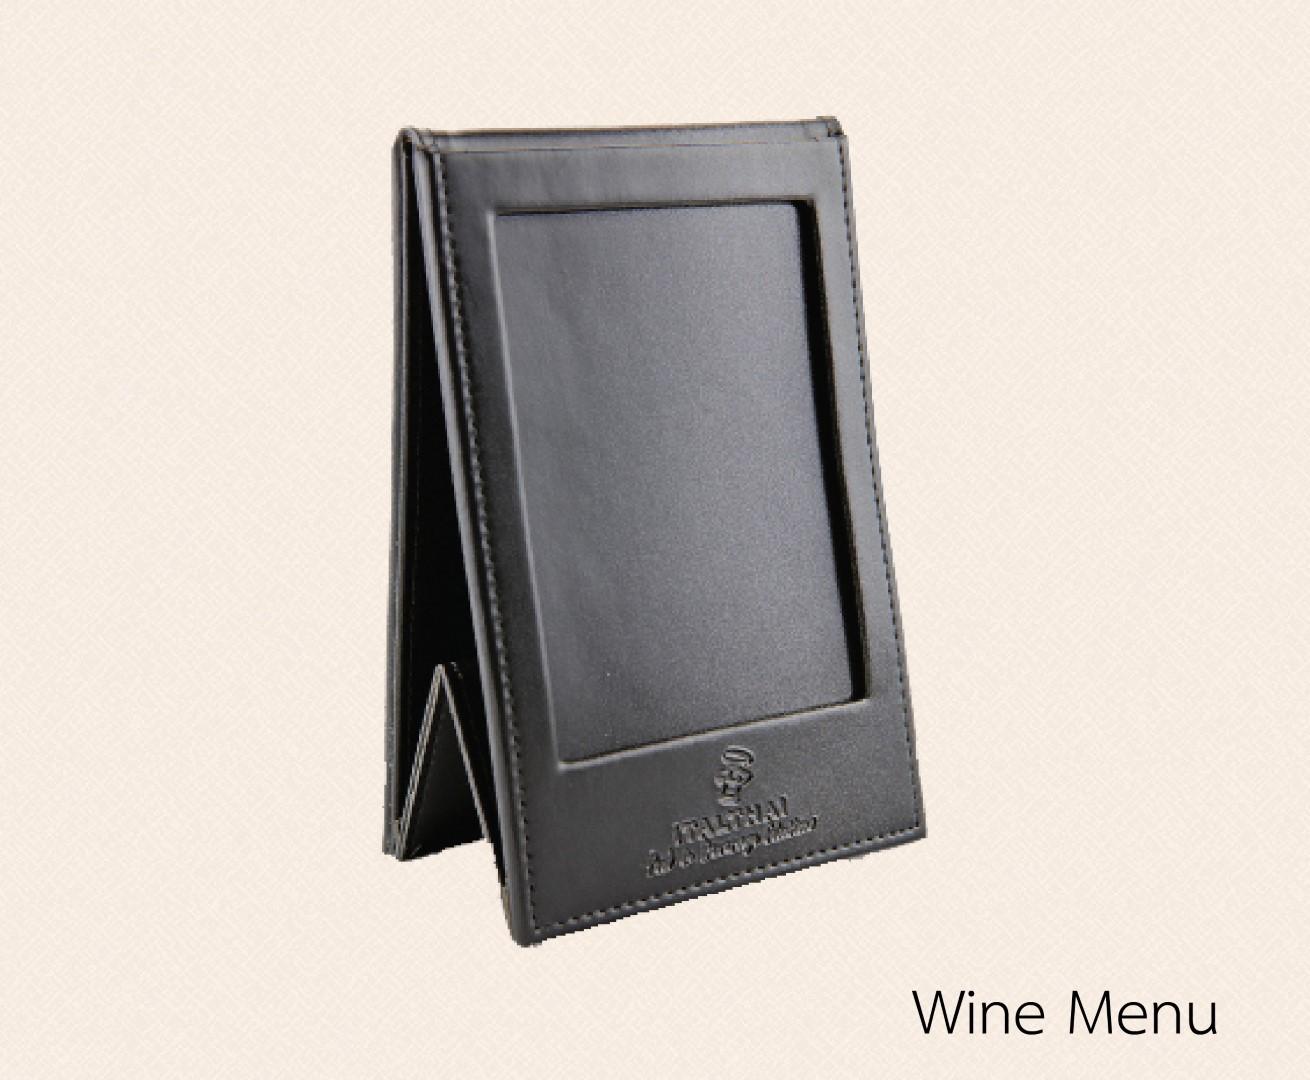 เมนูตั้งโต๊ะ stand menu / wine menu